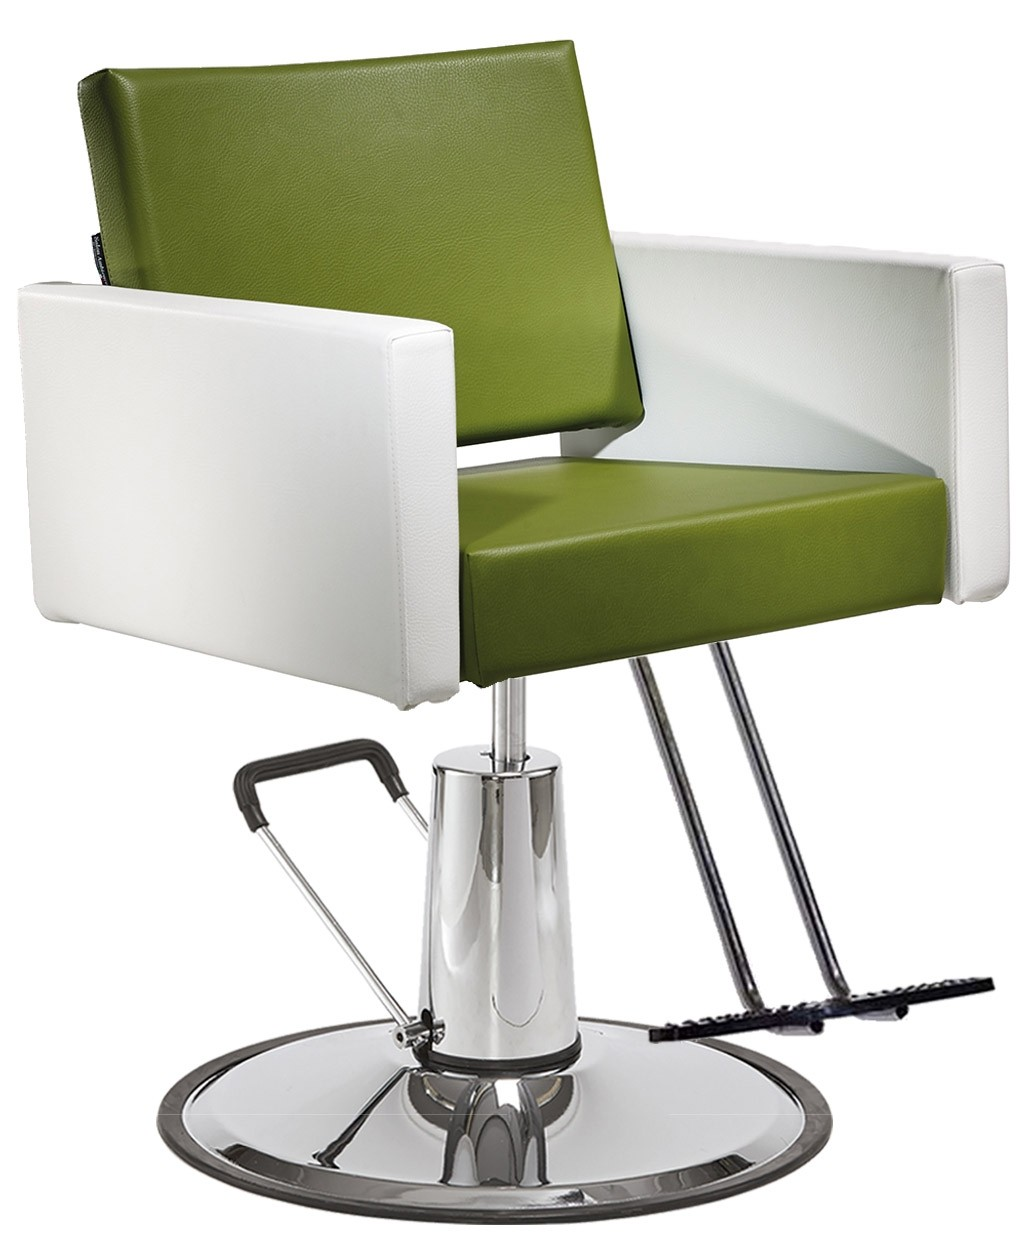 Salon Ambience SH-780 Kubik Styling Chair